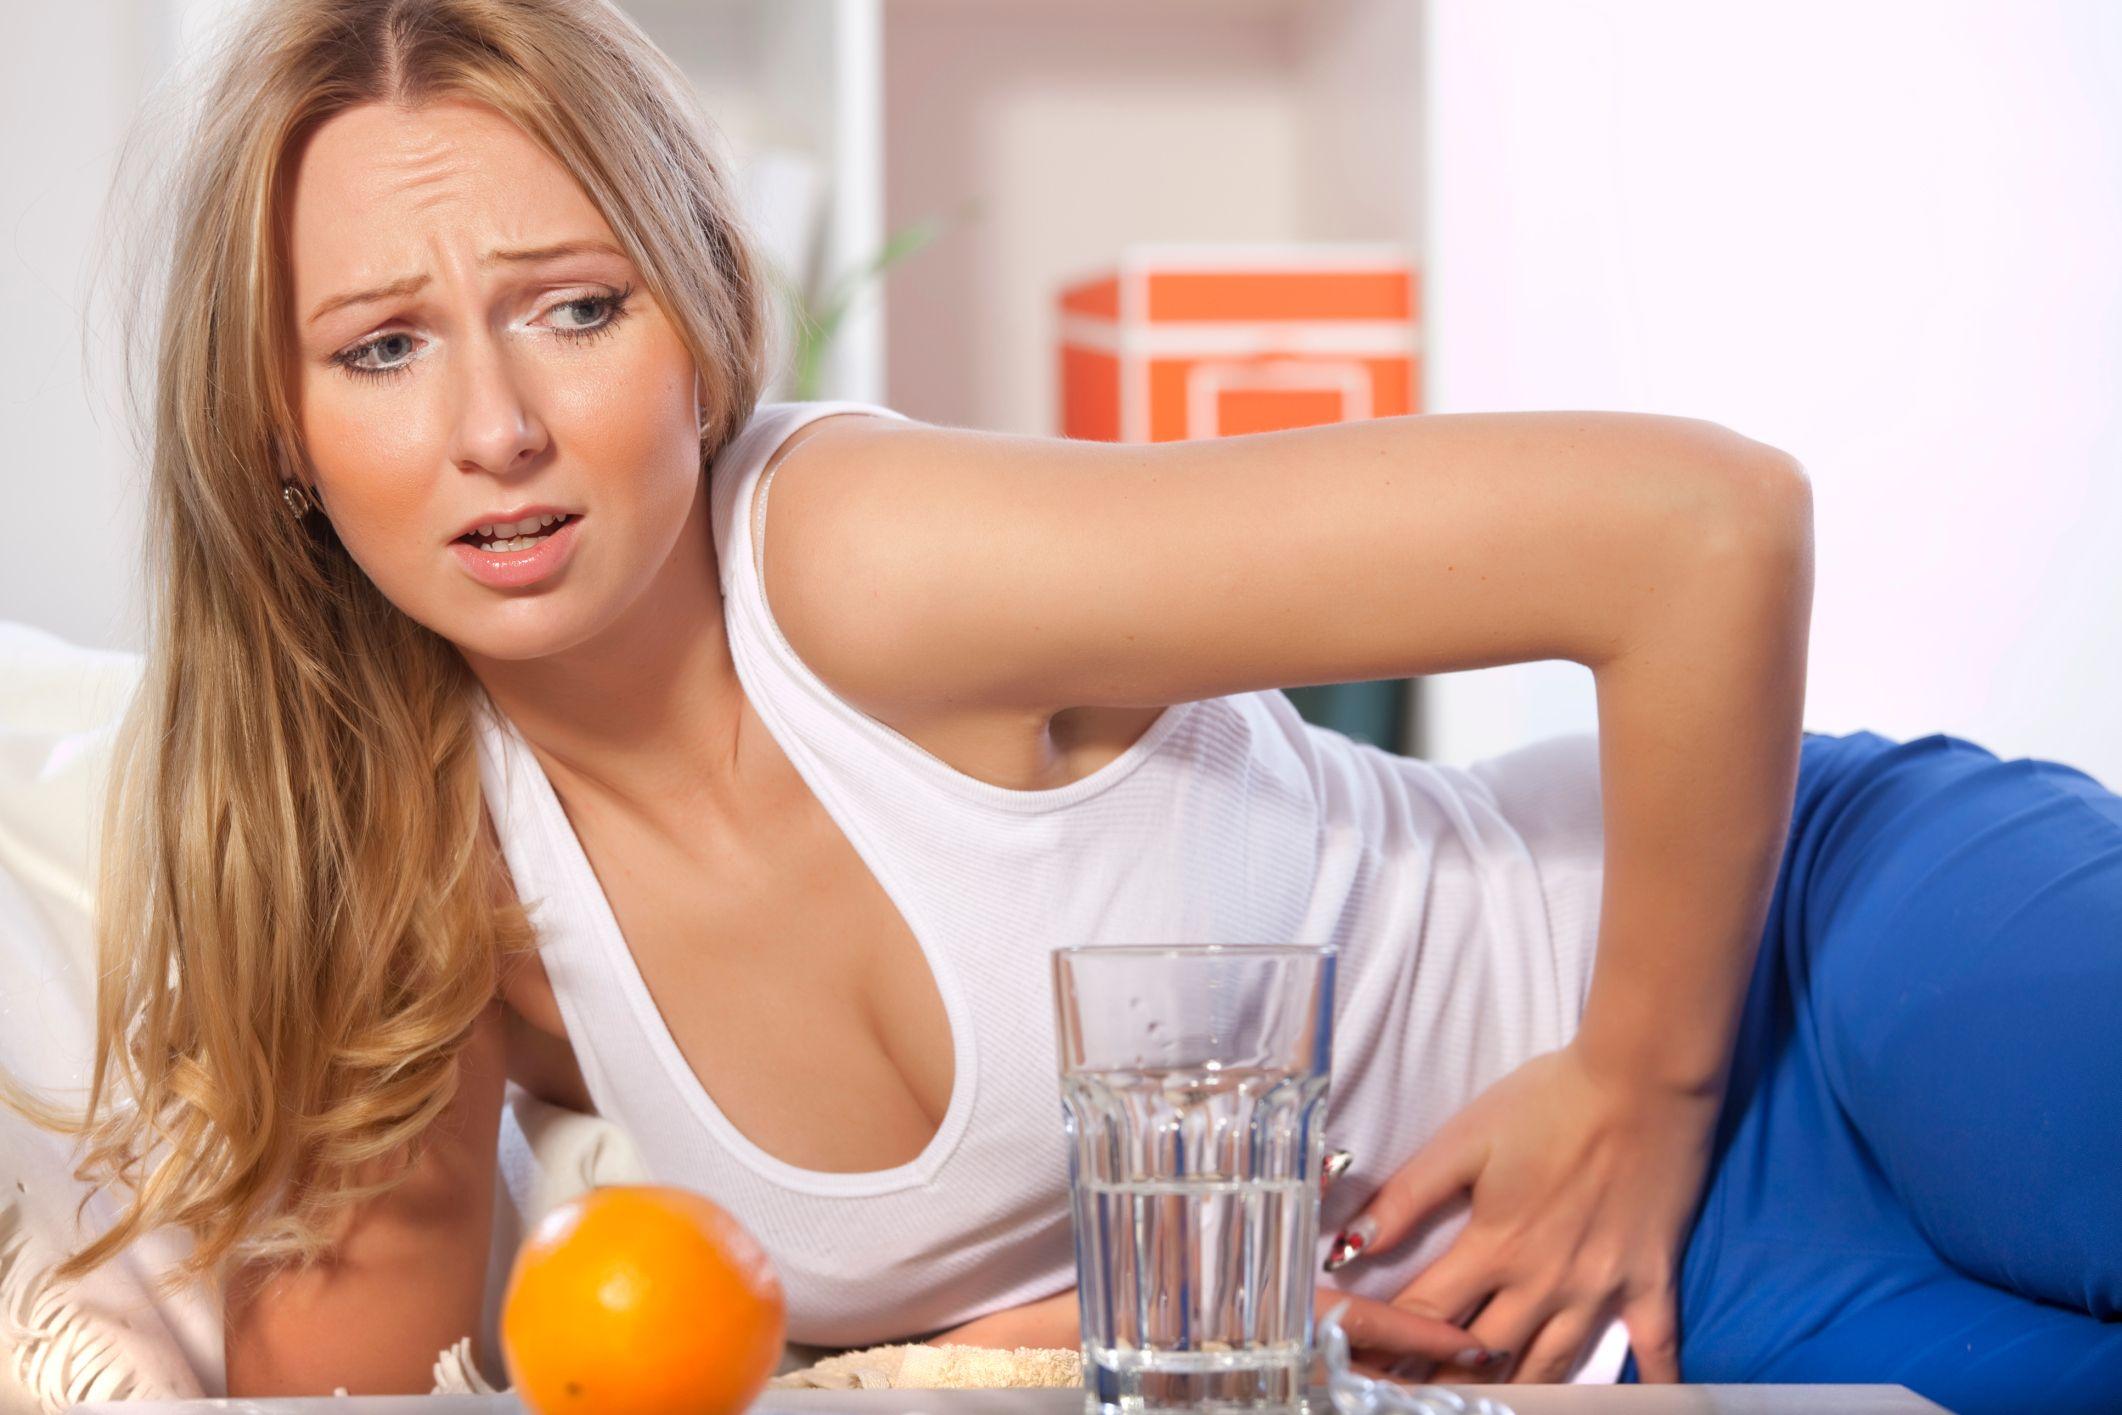 Reguli esențiale când ai gastrită